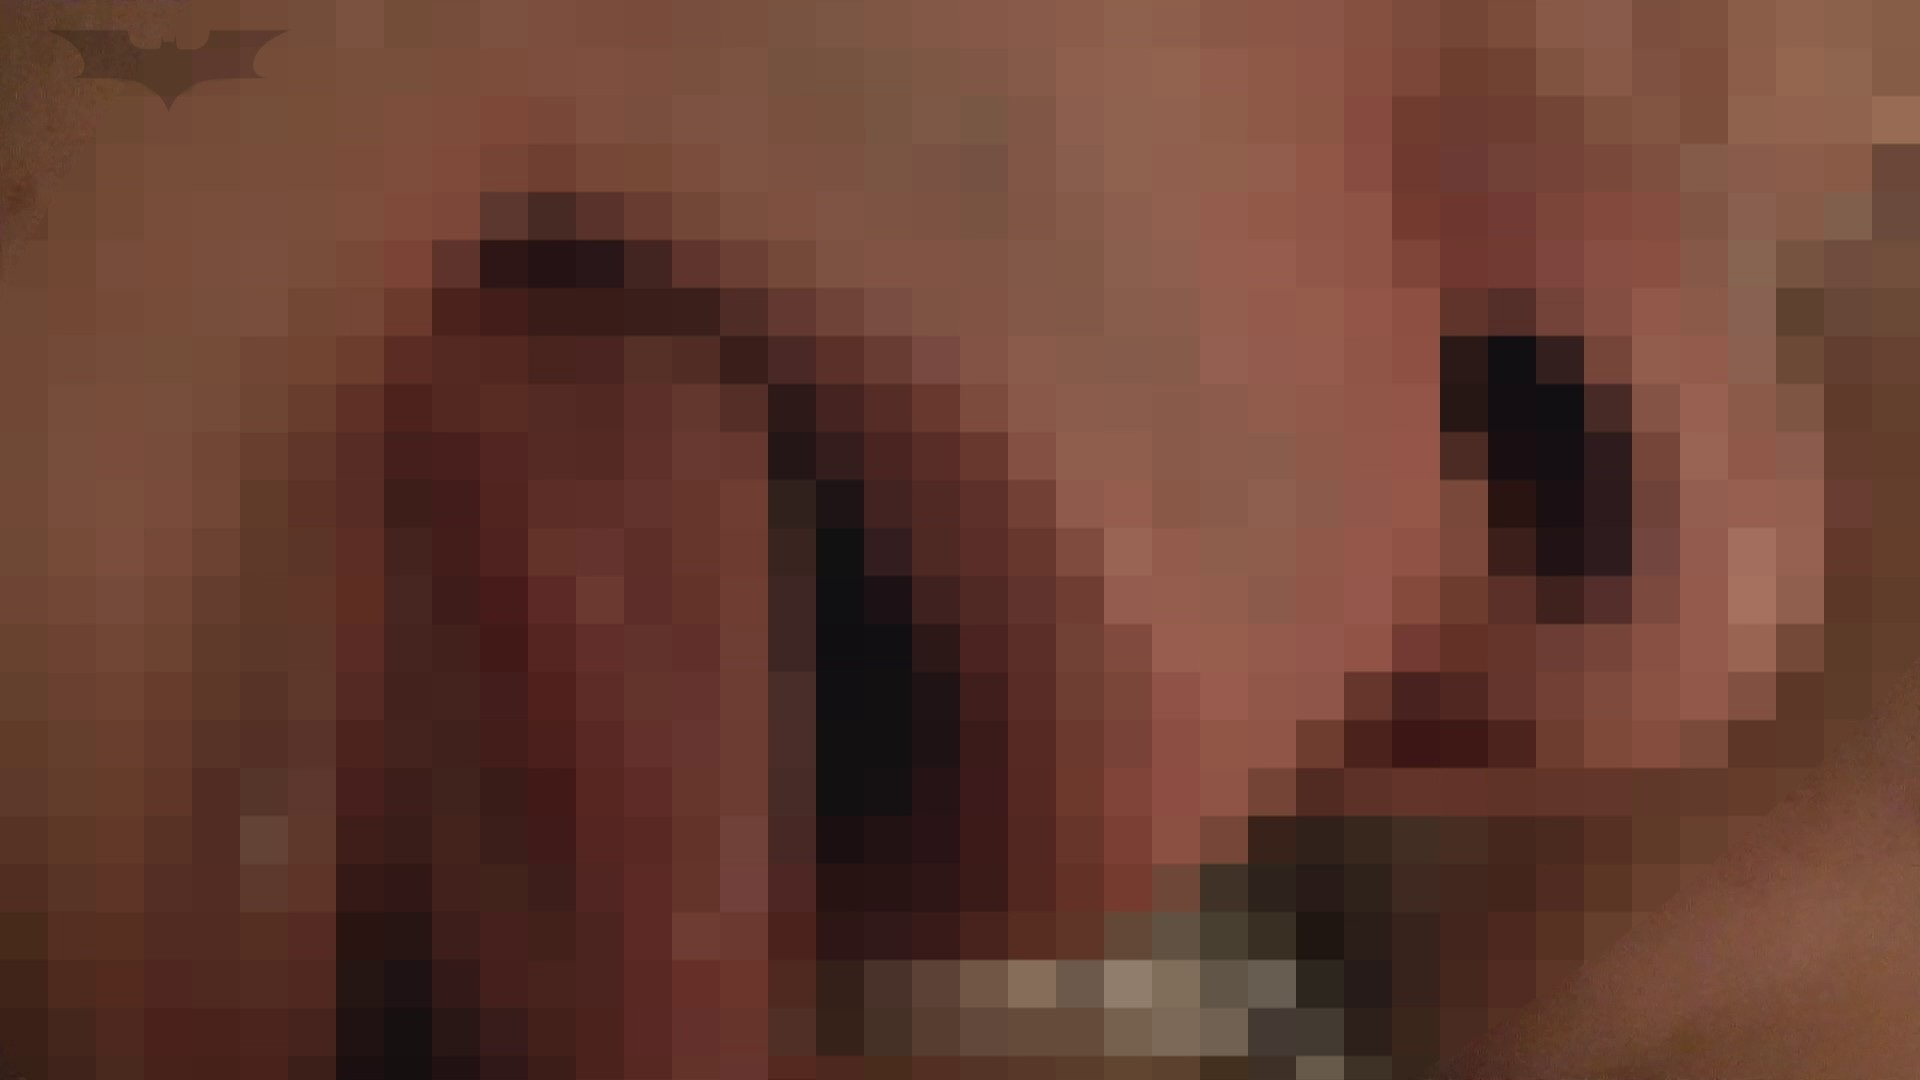 期間限定闇の花道Vol.07 影対姪っ子絶対ダメな調教関係Vol.01 美肌 オメコ無修正動画無料 109画像 69